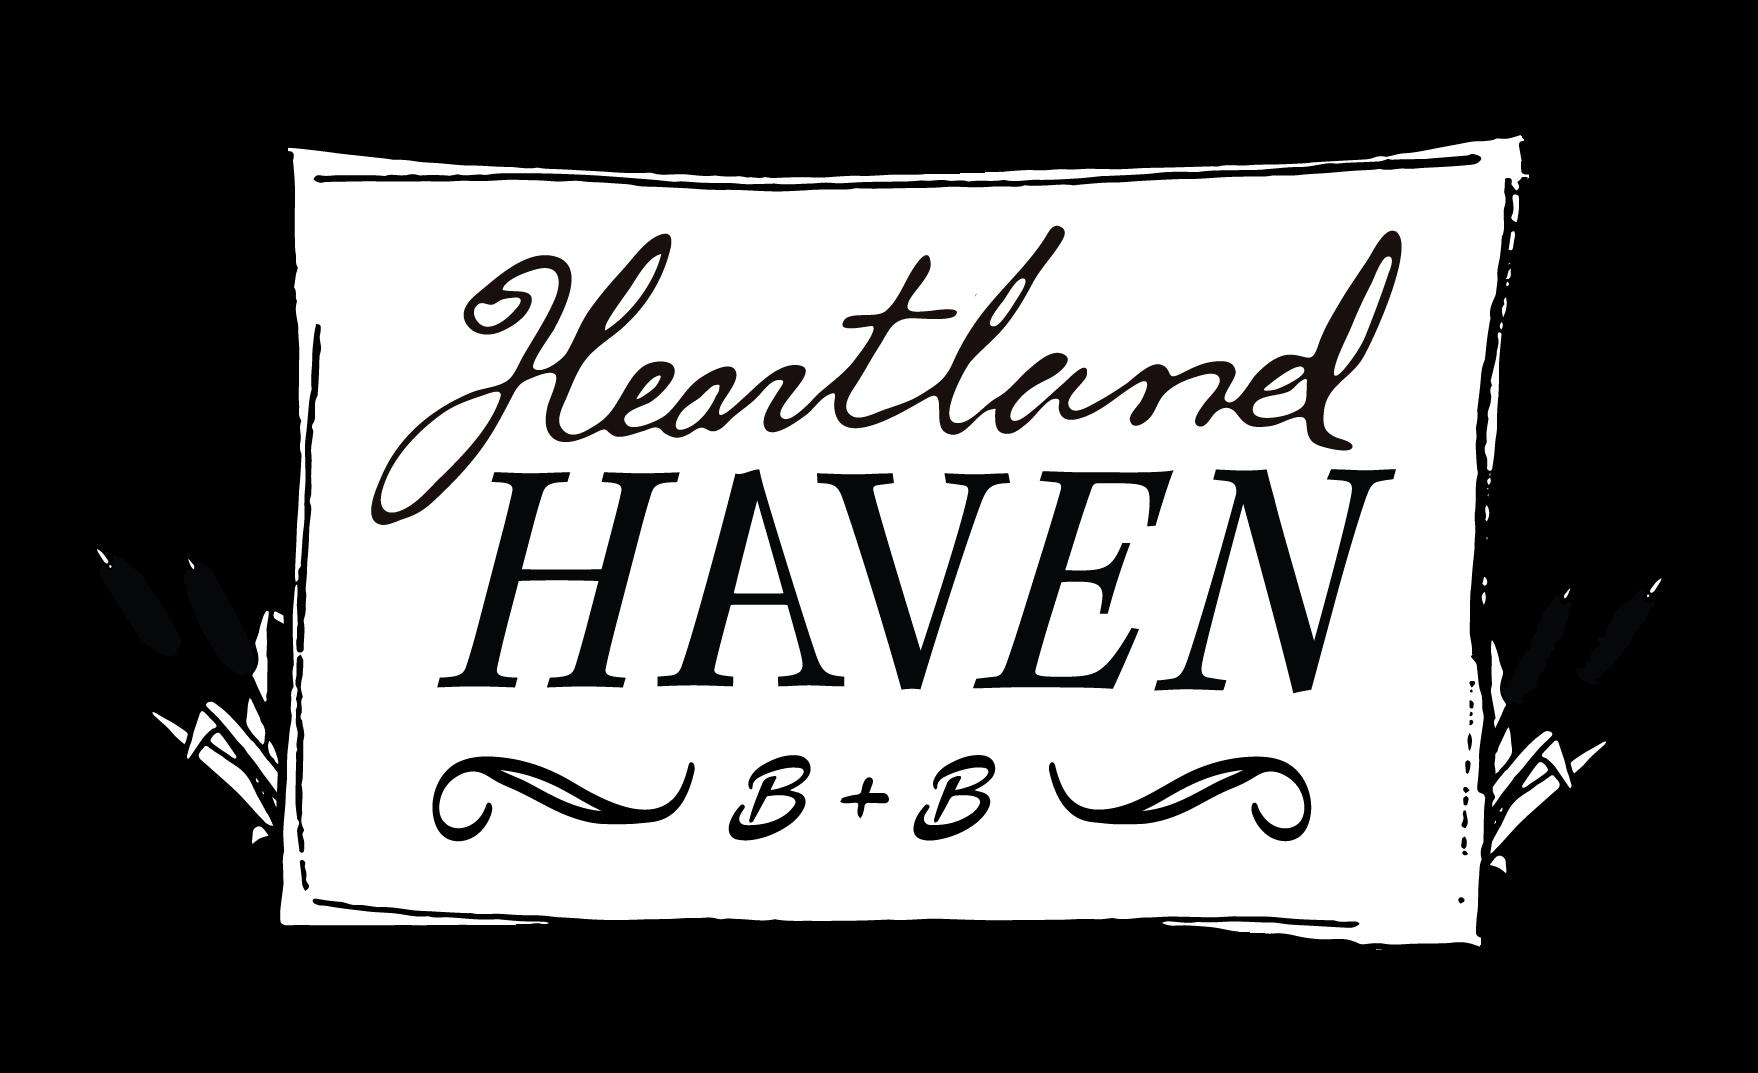 Heartland Haven